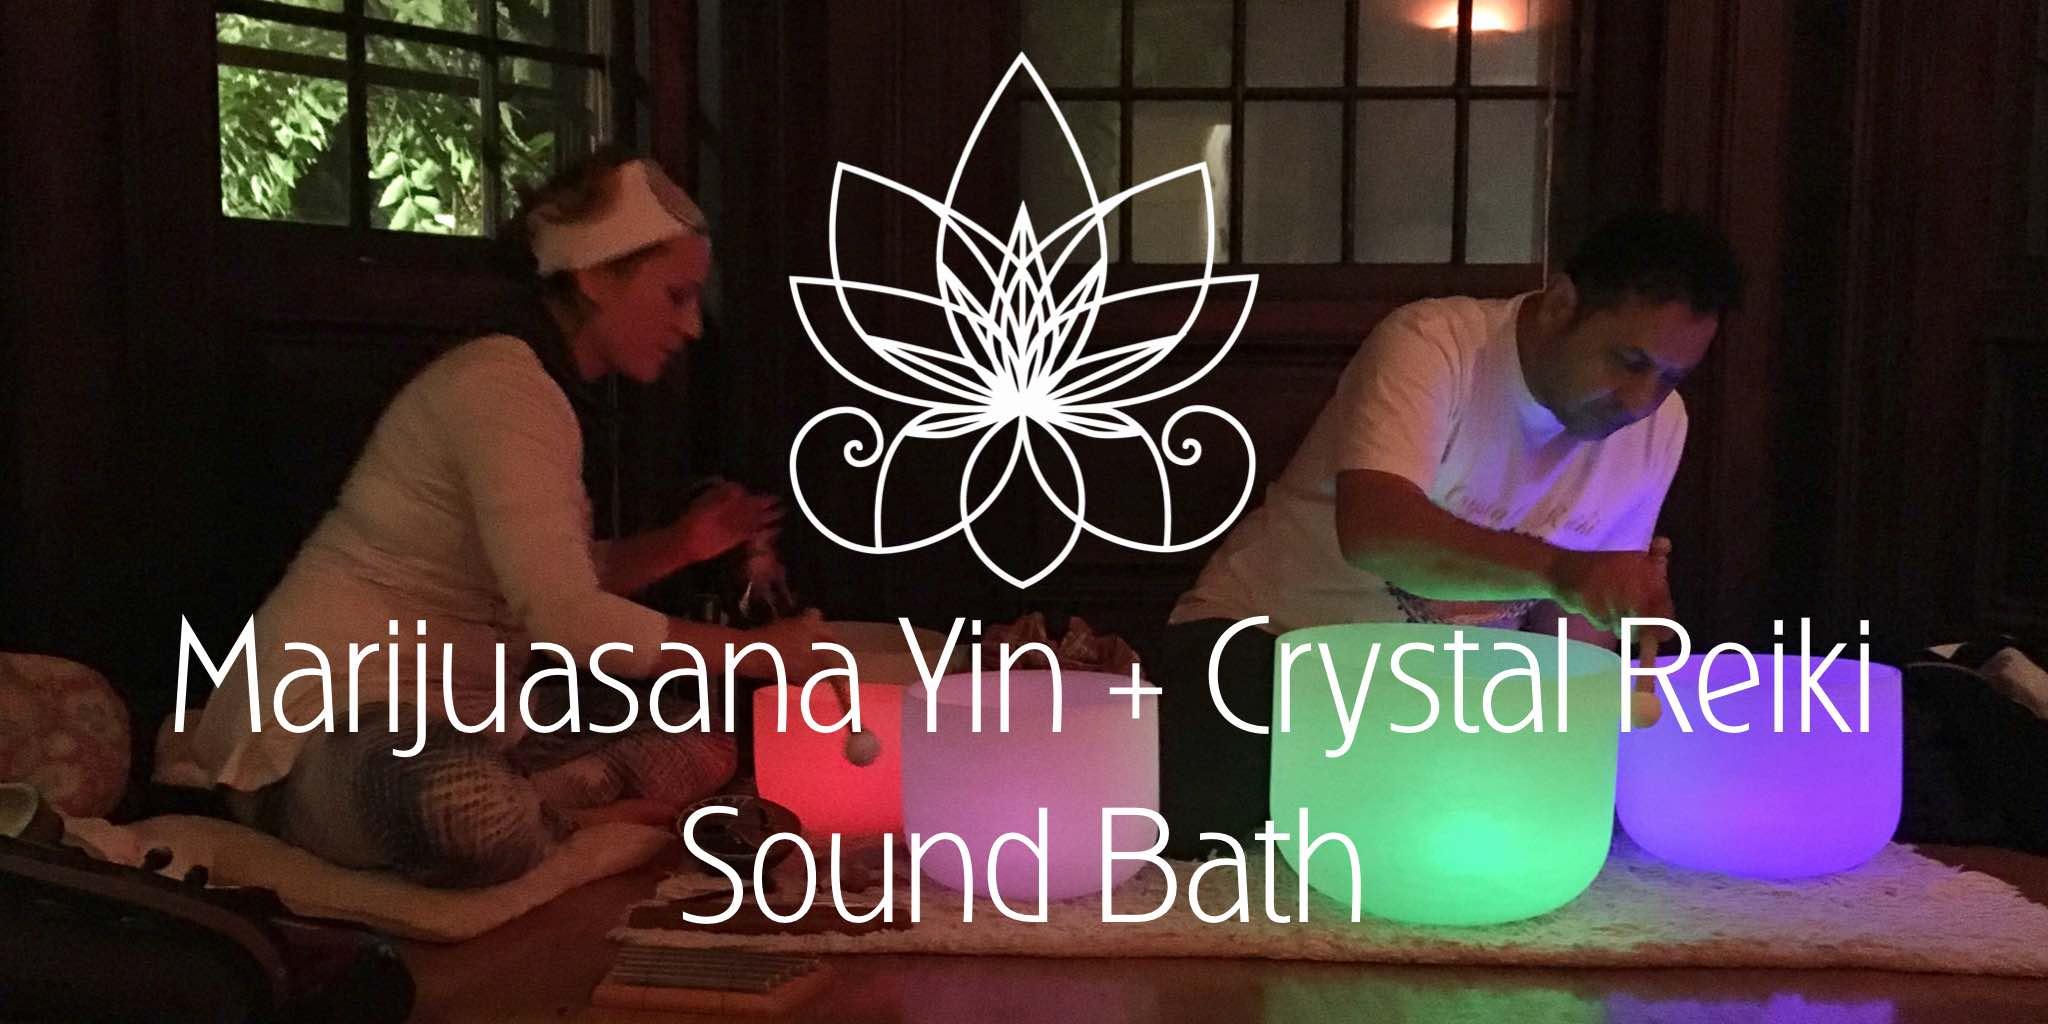 Marijuasana Cannabis Yin Crystal Reiki